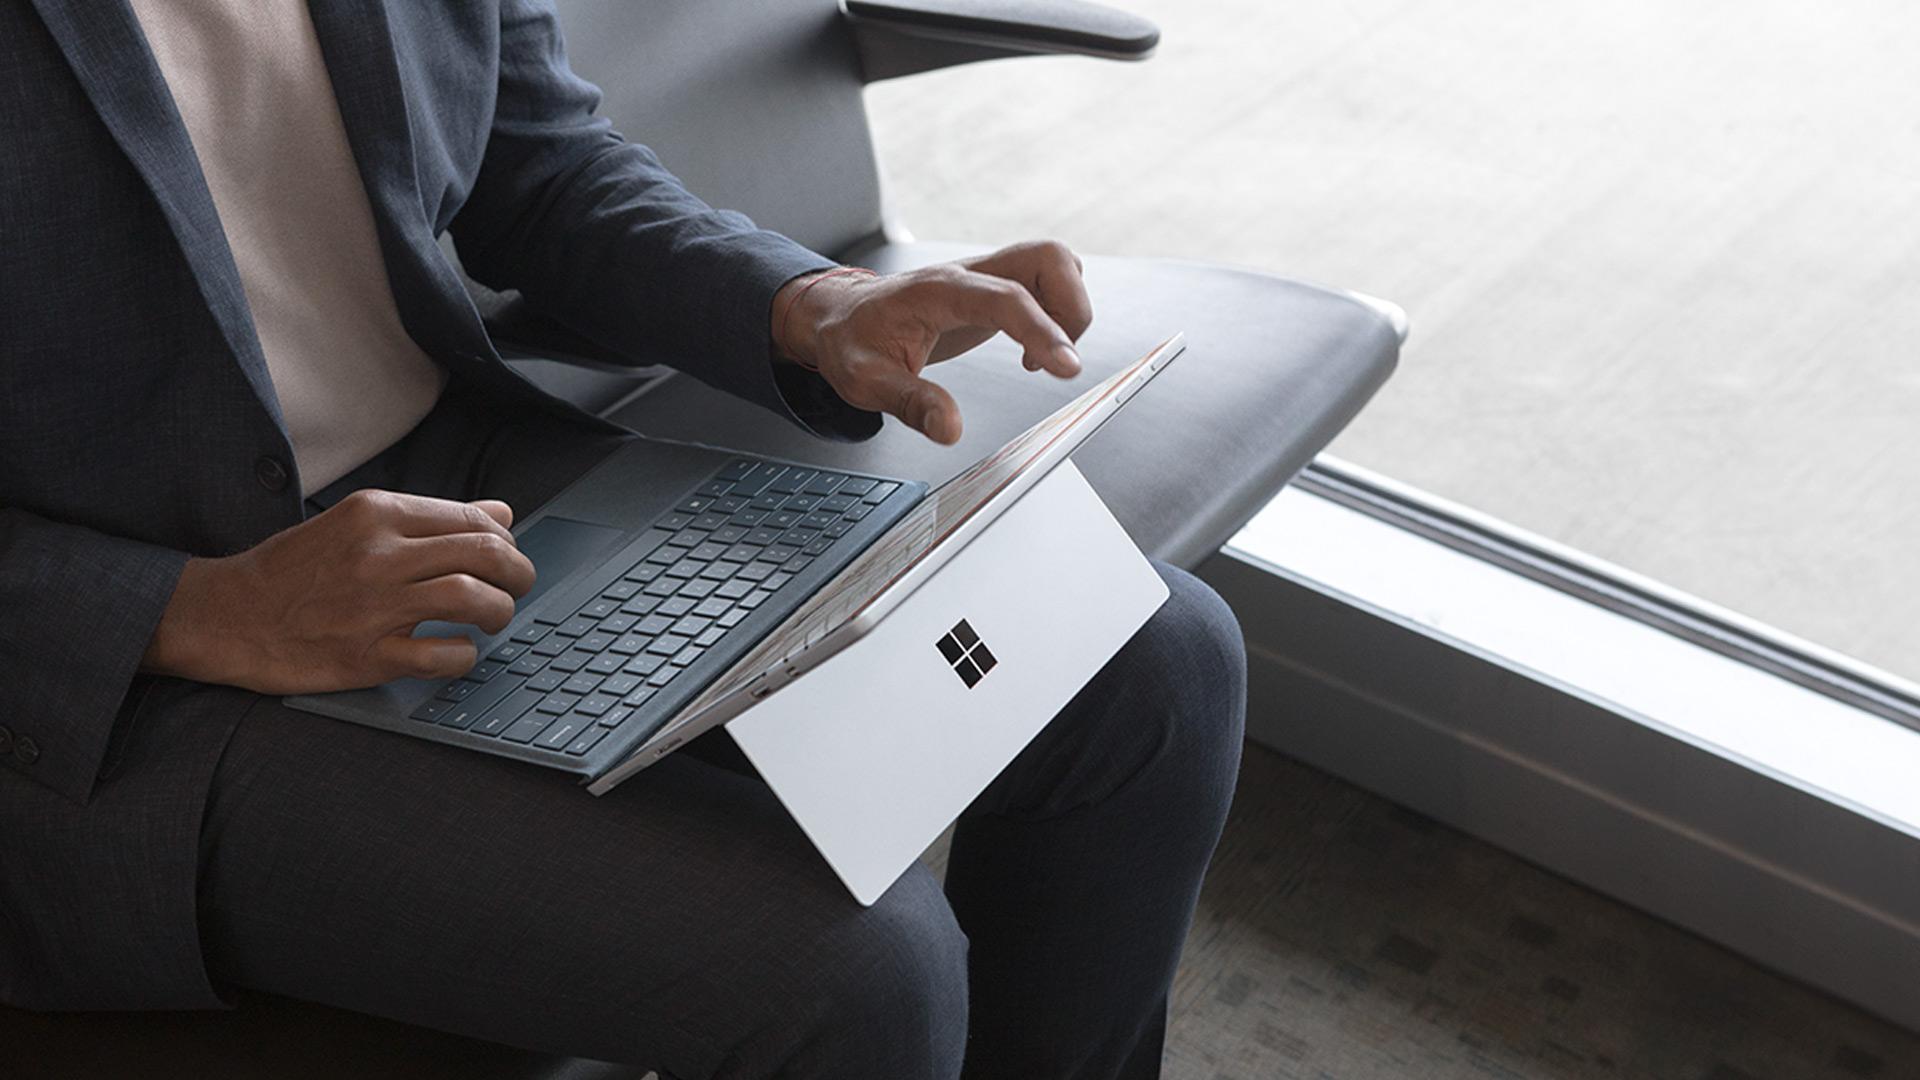 Une personne travaille dans un salon d'aéroport avec un Surface Pro sur ses genoux